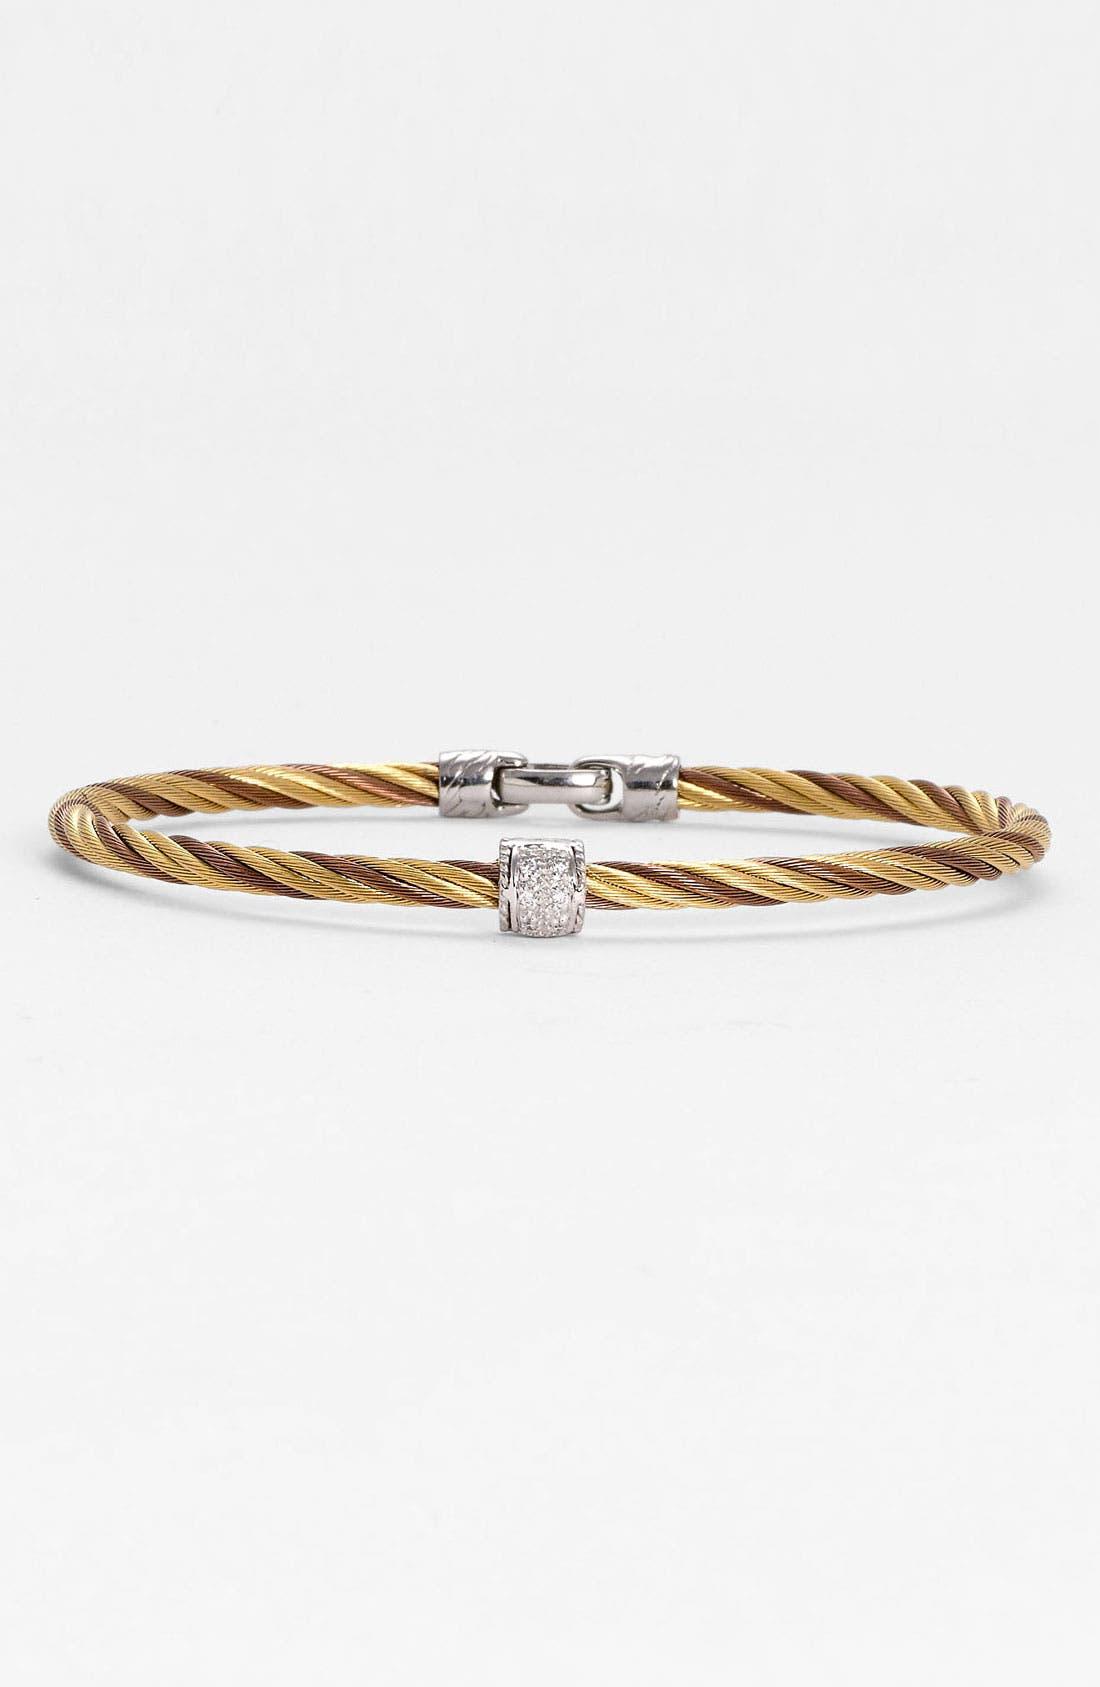 Main Image - ALOR® Twisted Bracelet